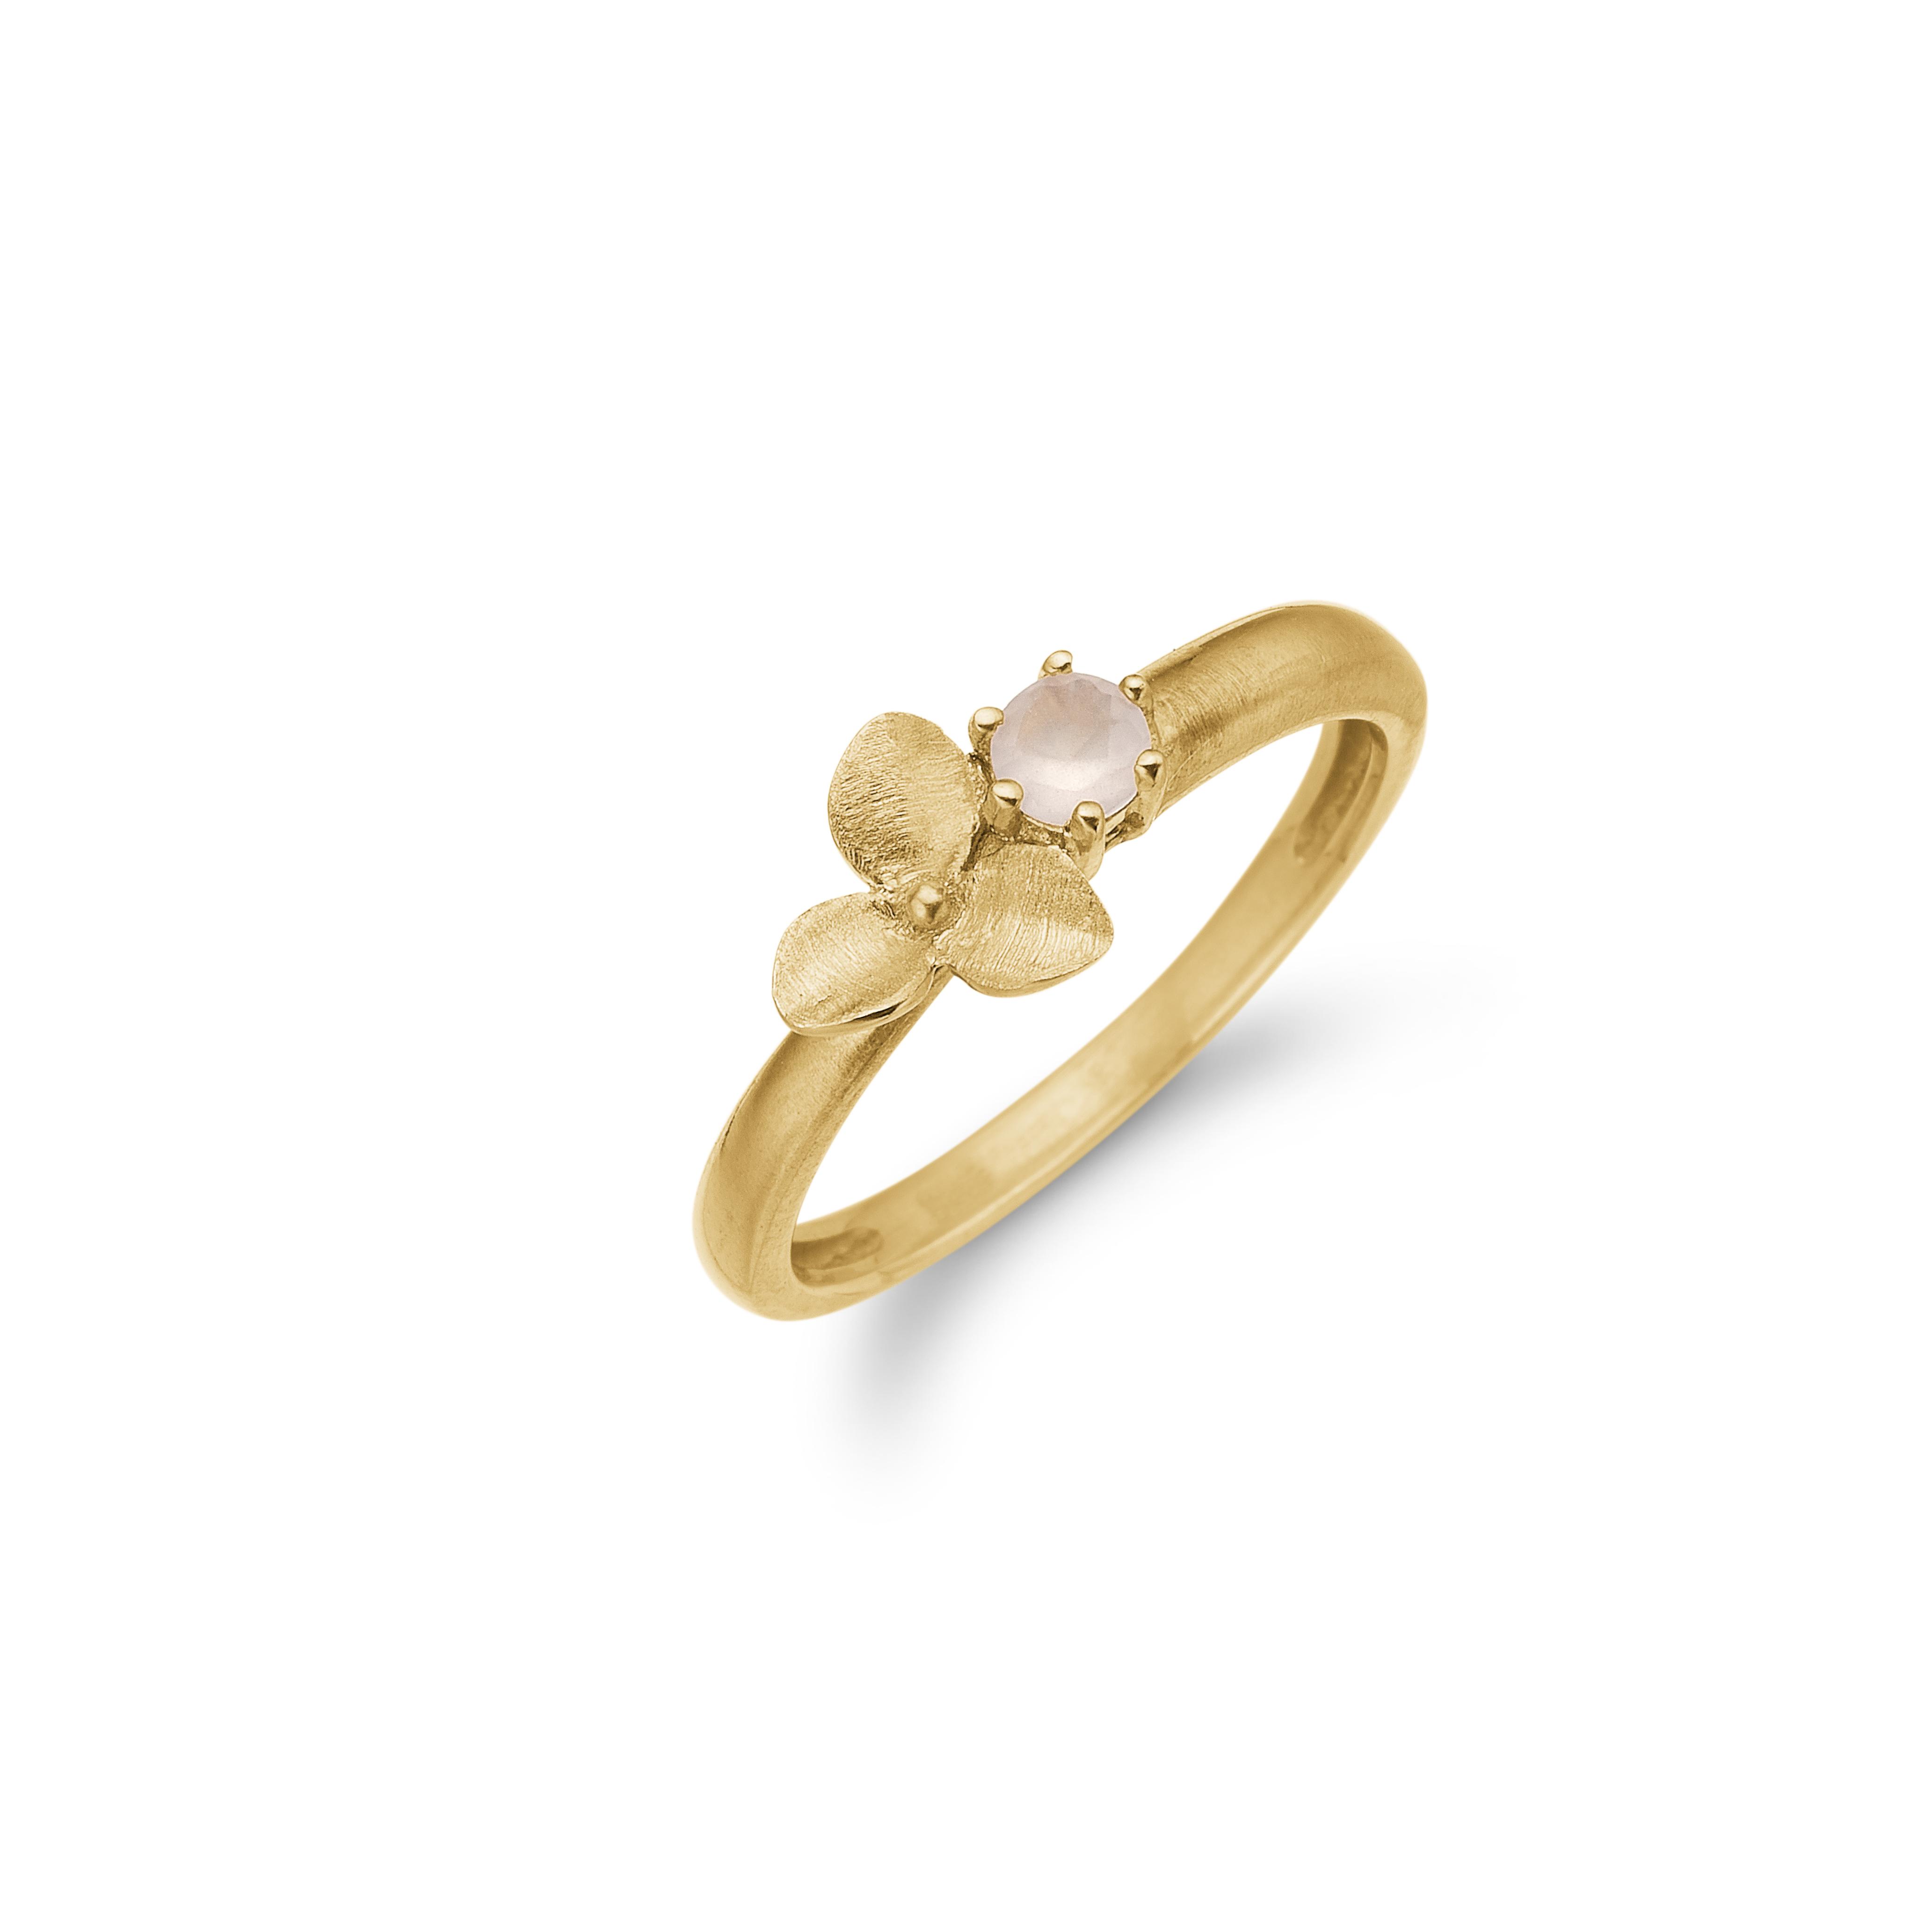 Aagaard Sølv ring - 03621662-70 Størrelse 58